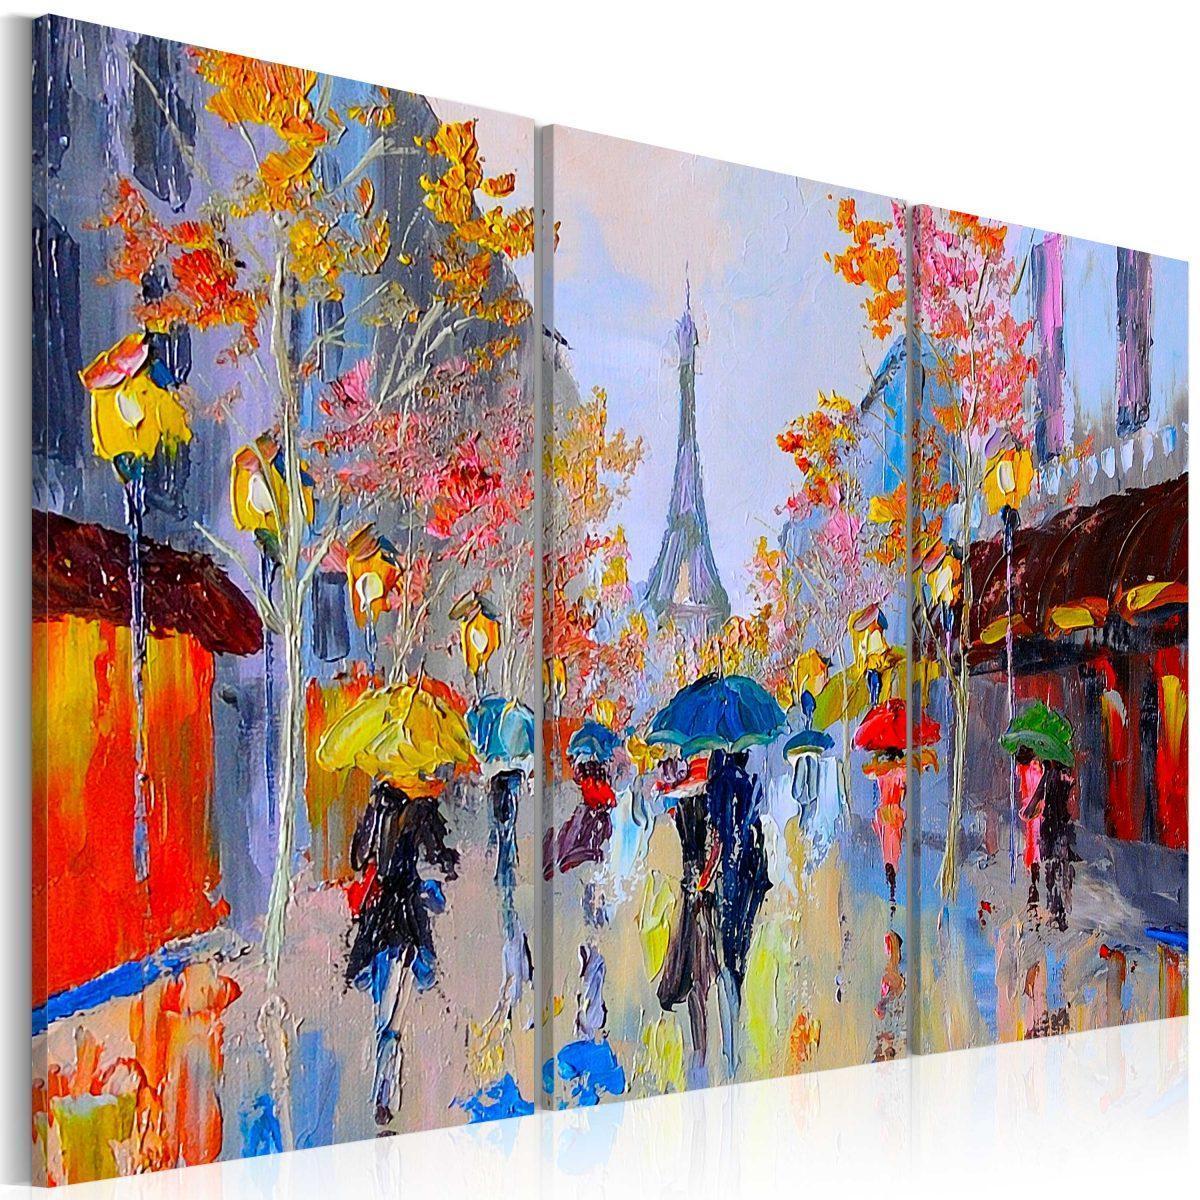 Handmålad tavla - Rainy Paris - 120x80